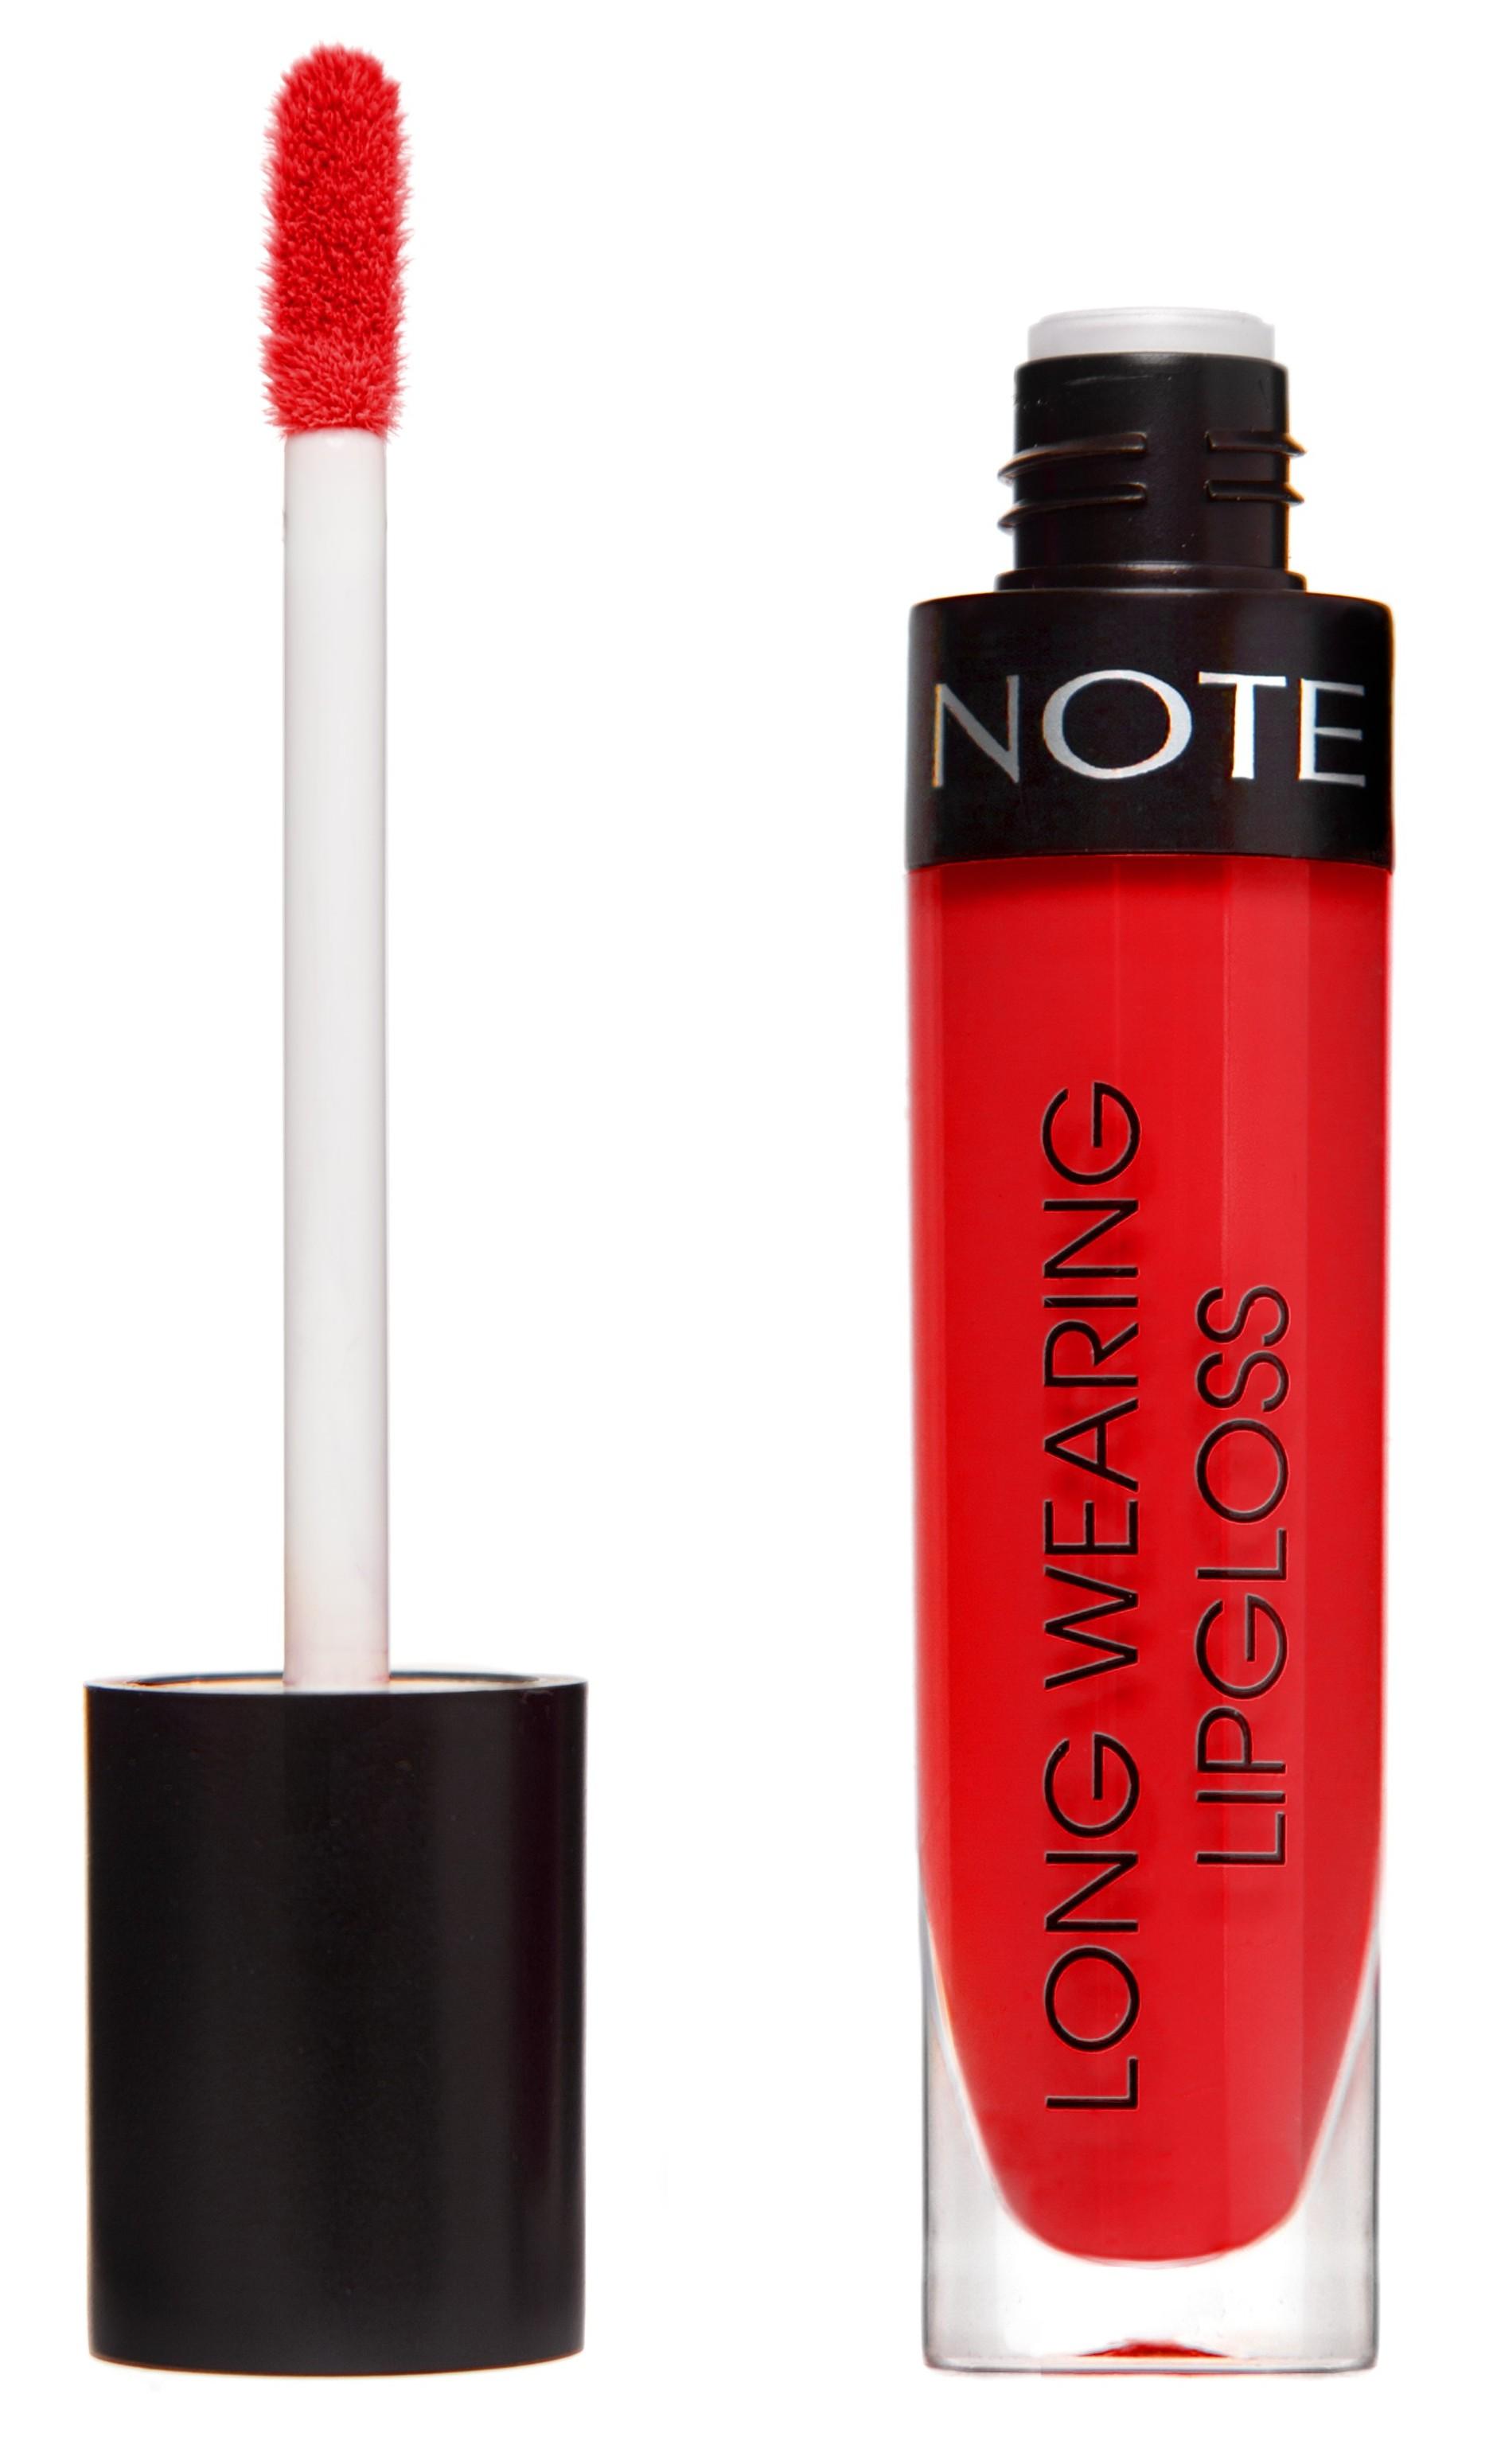 Купить NOTE Cosmetics Блеск стойкий для губ 21 / LONG WEARING LIPGLOSS 6 мл